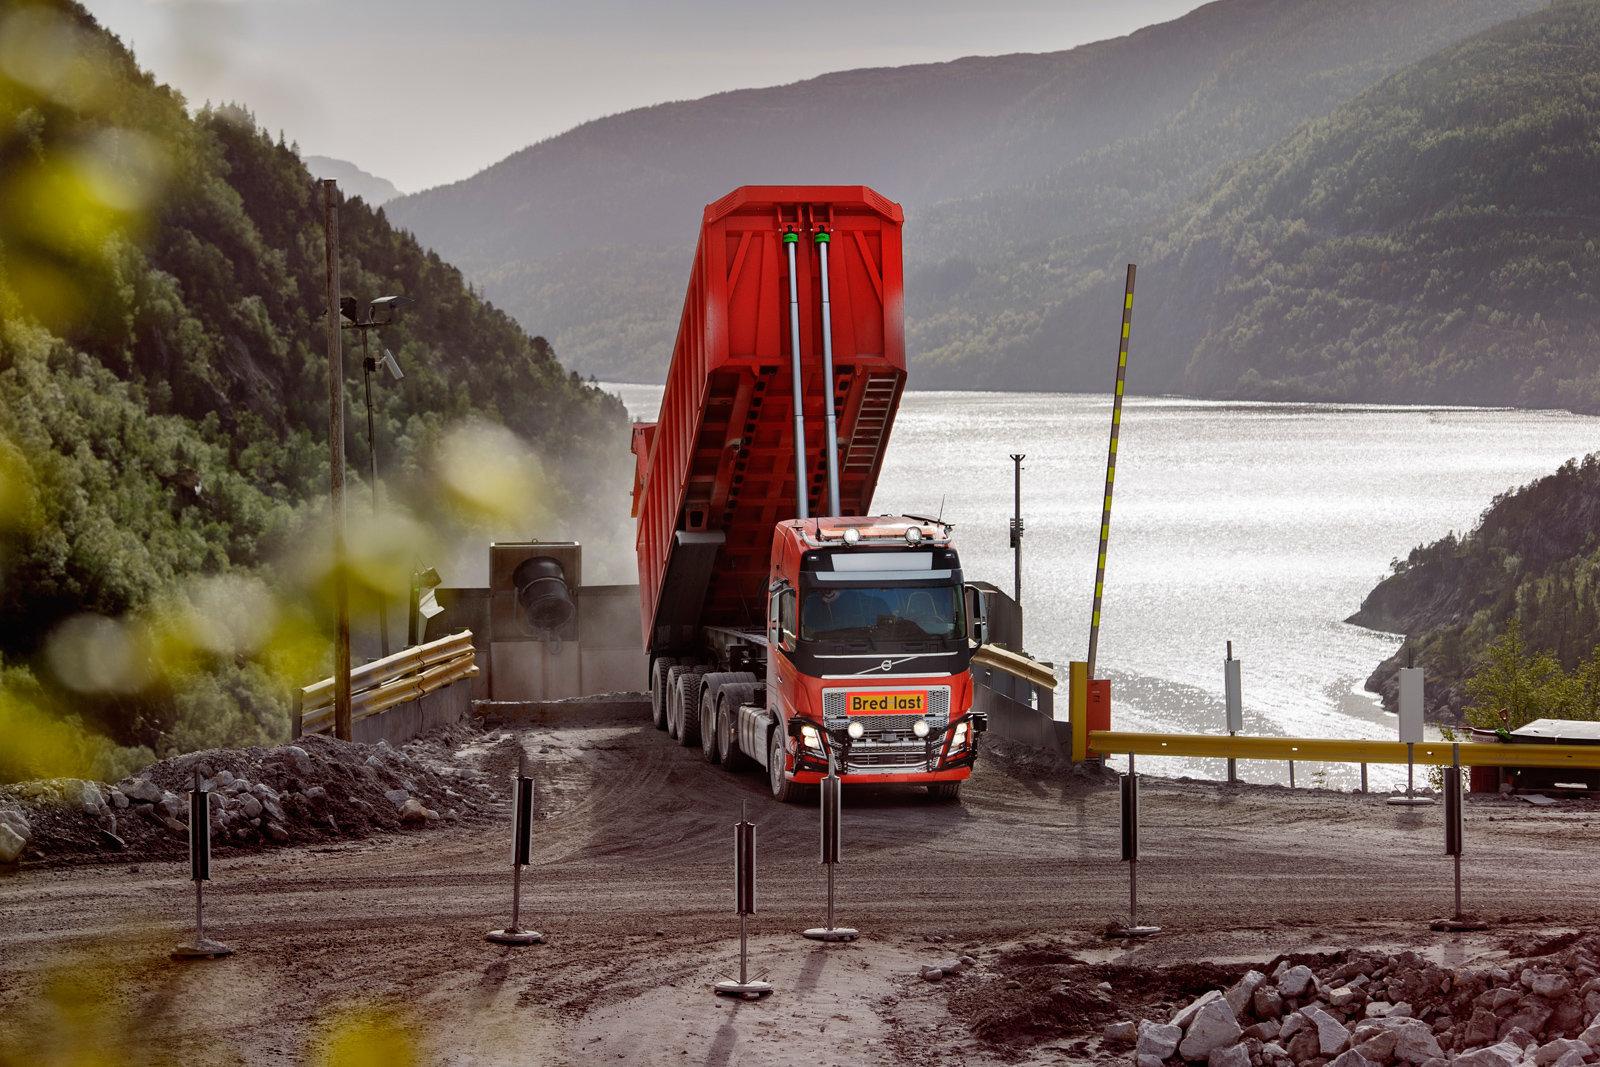 沃尔沃自动驾驶卡车另辟蹊径 在挪威试水煤矿运输